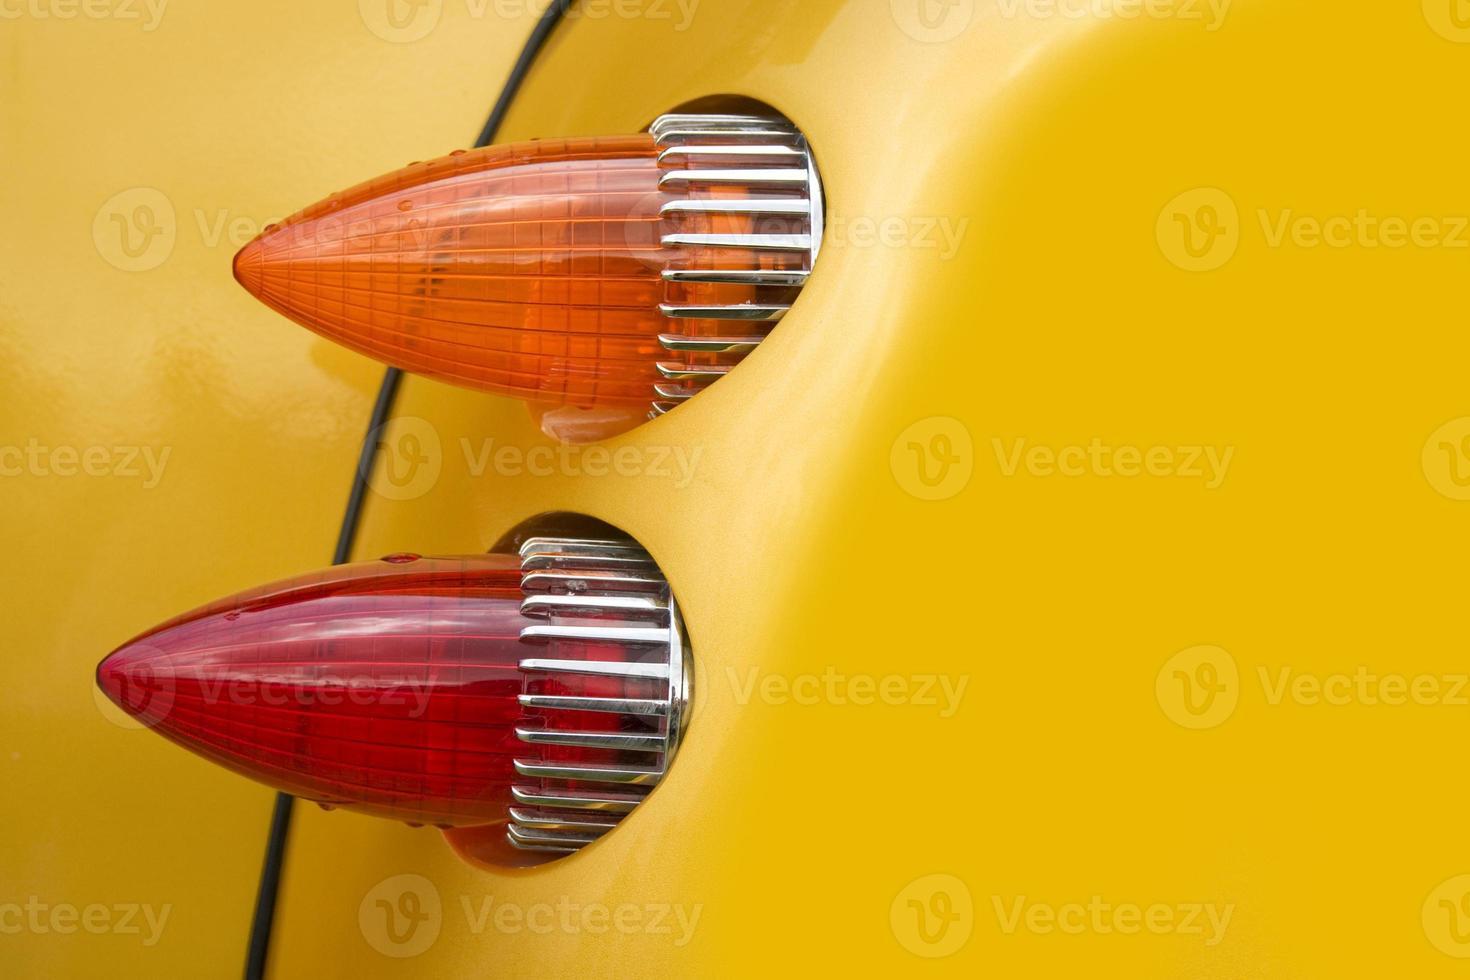 autolichten foto